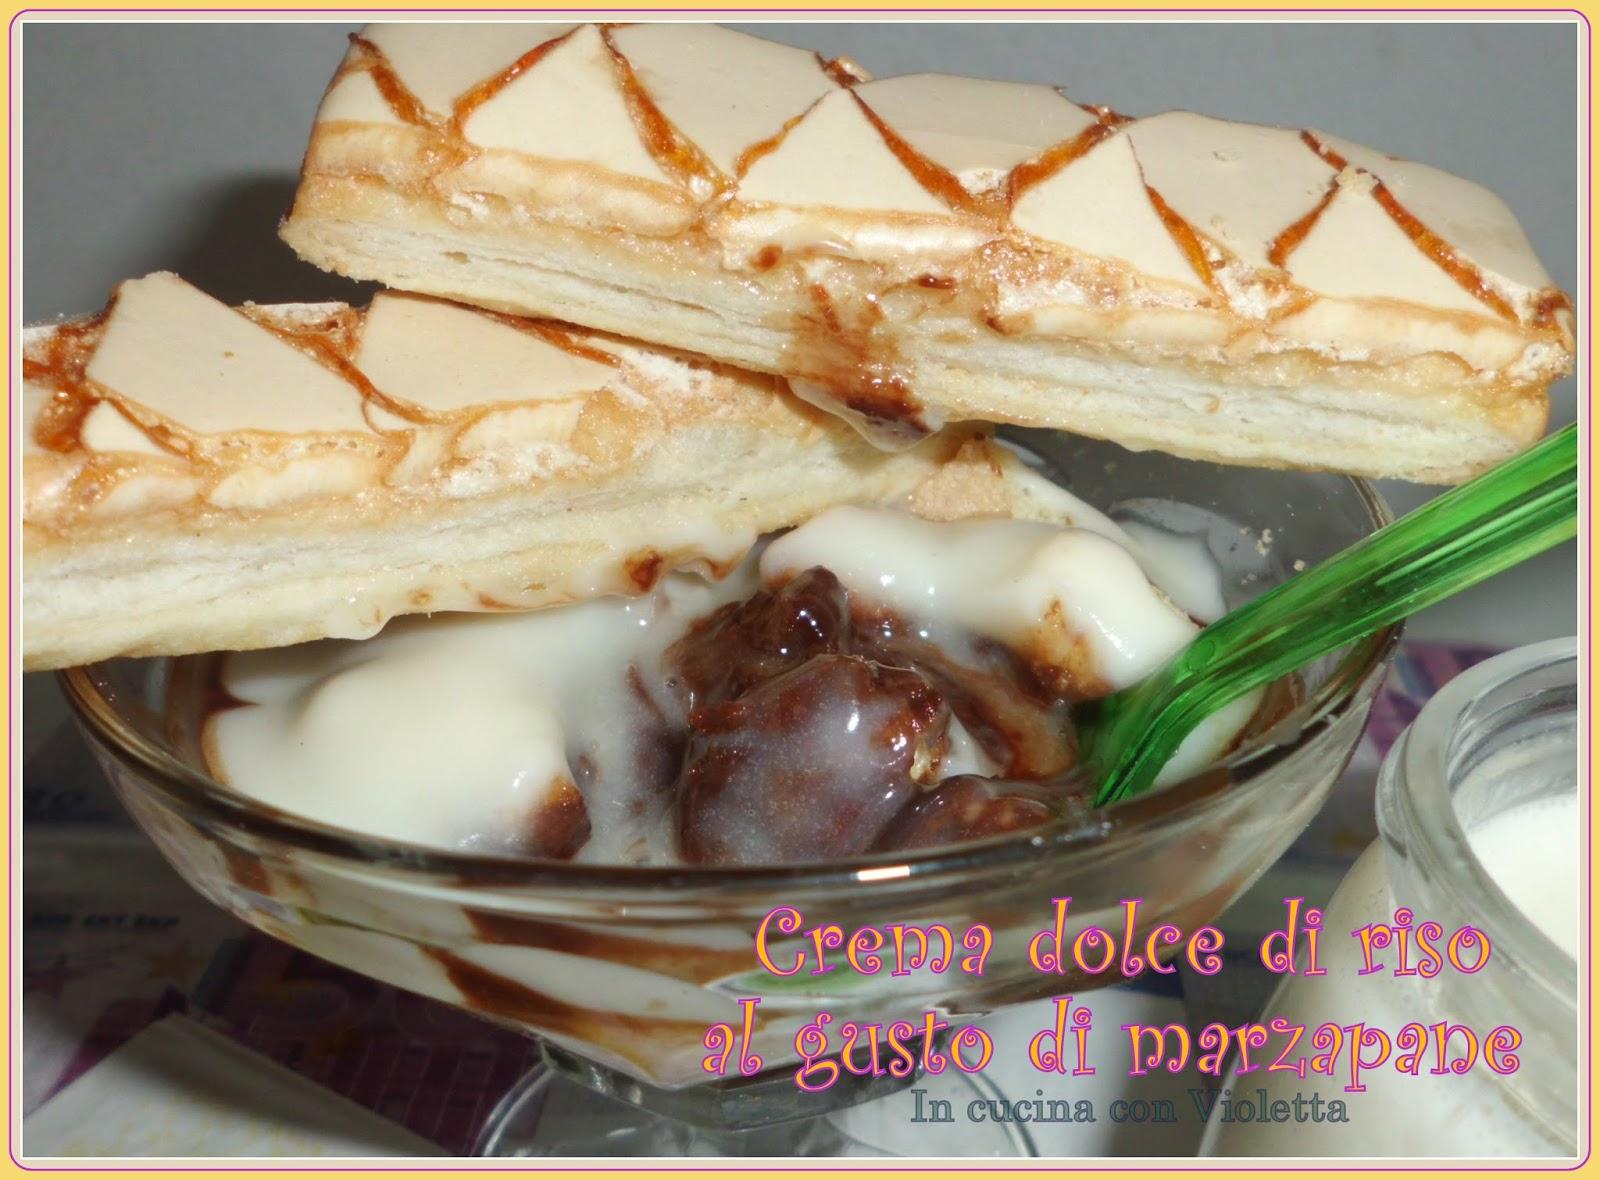 In Cucina Con Violetta: Crema dolce di riso al gusto di marzapane